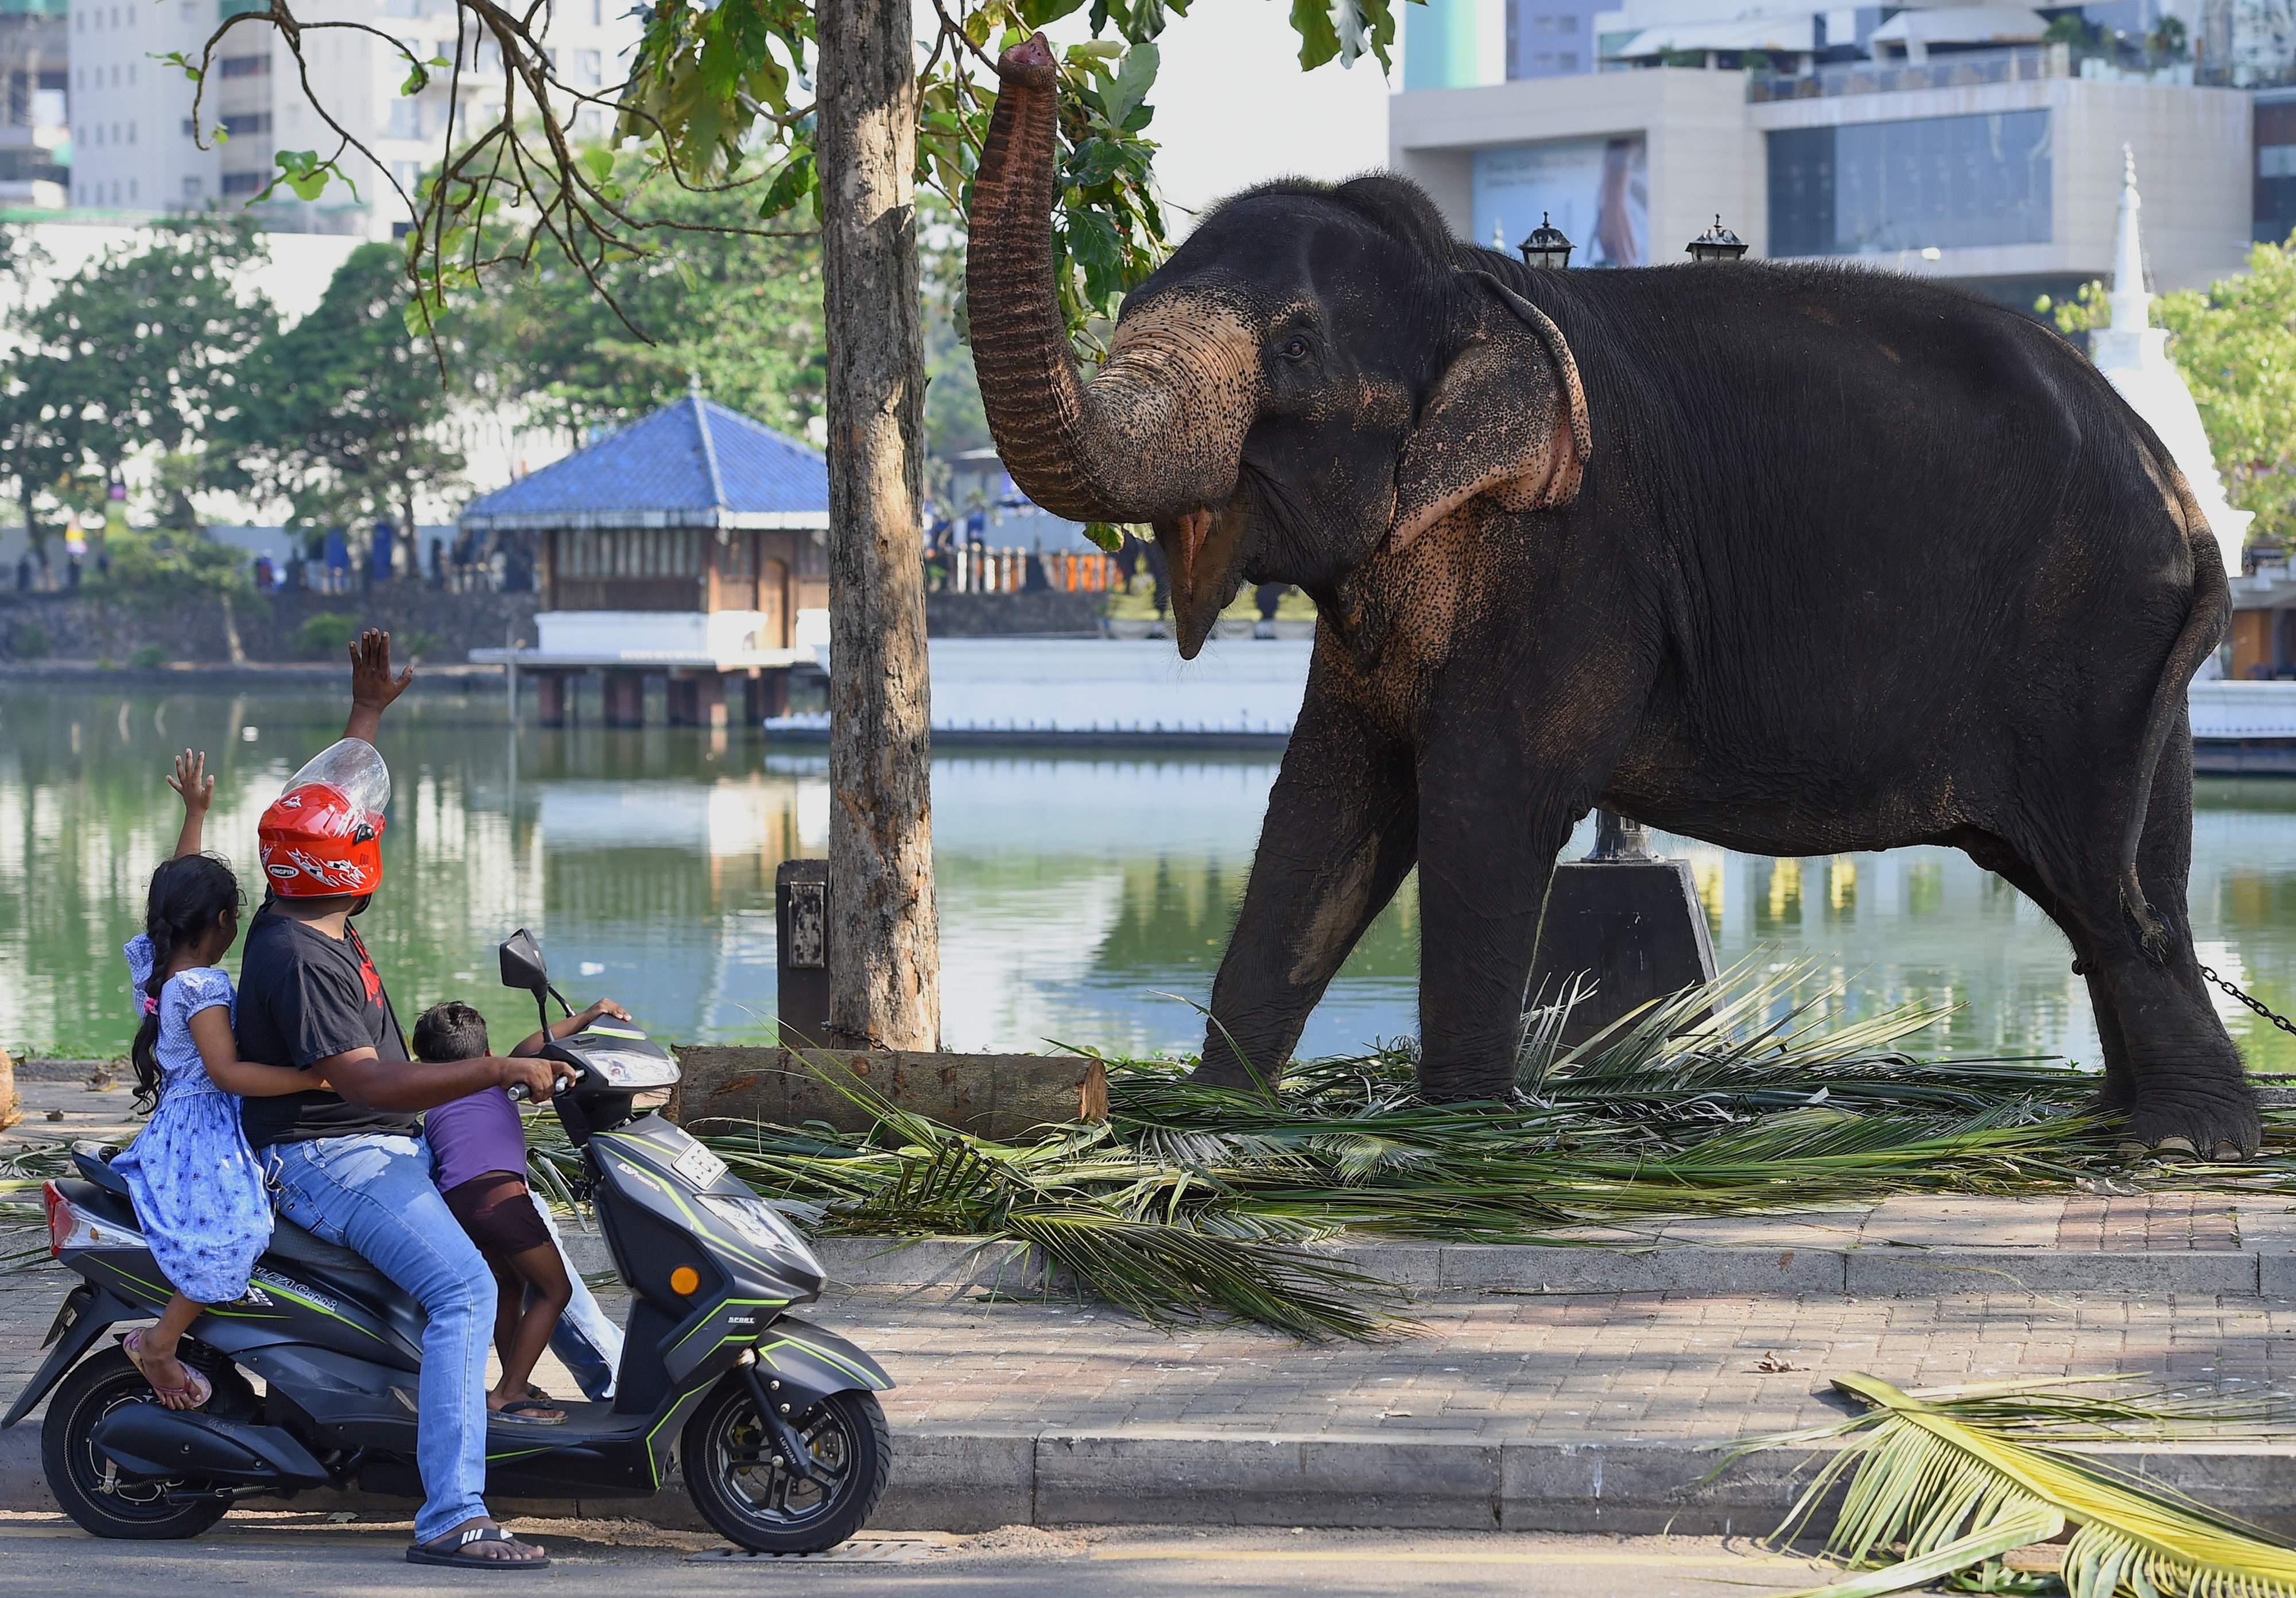 Los viajeros interactúan con un elefante mientras descansa en una vía pública antes del festival anual Perahera del histórico Templo Gangaramaya en Sri Lanka. AFP